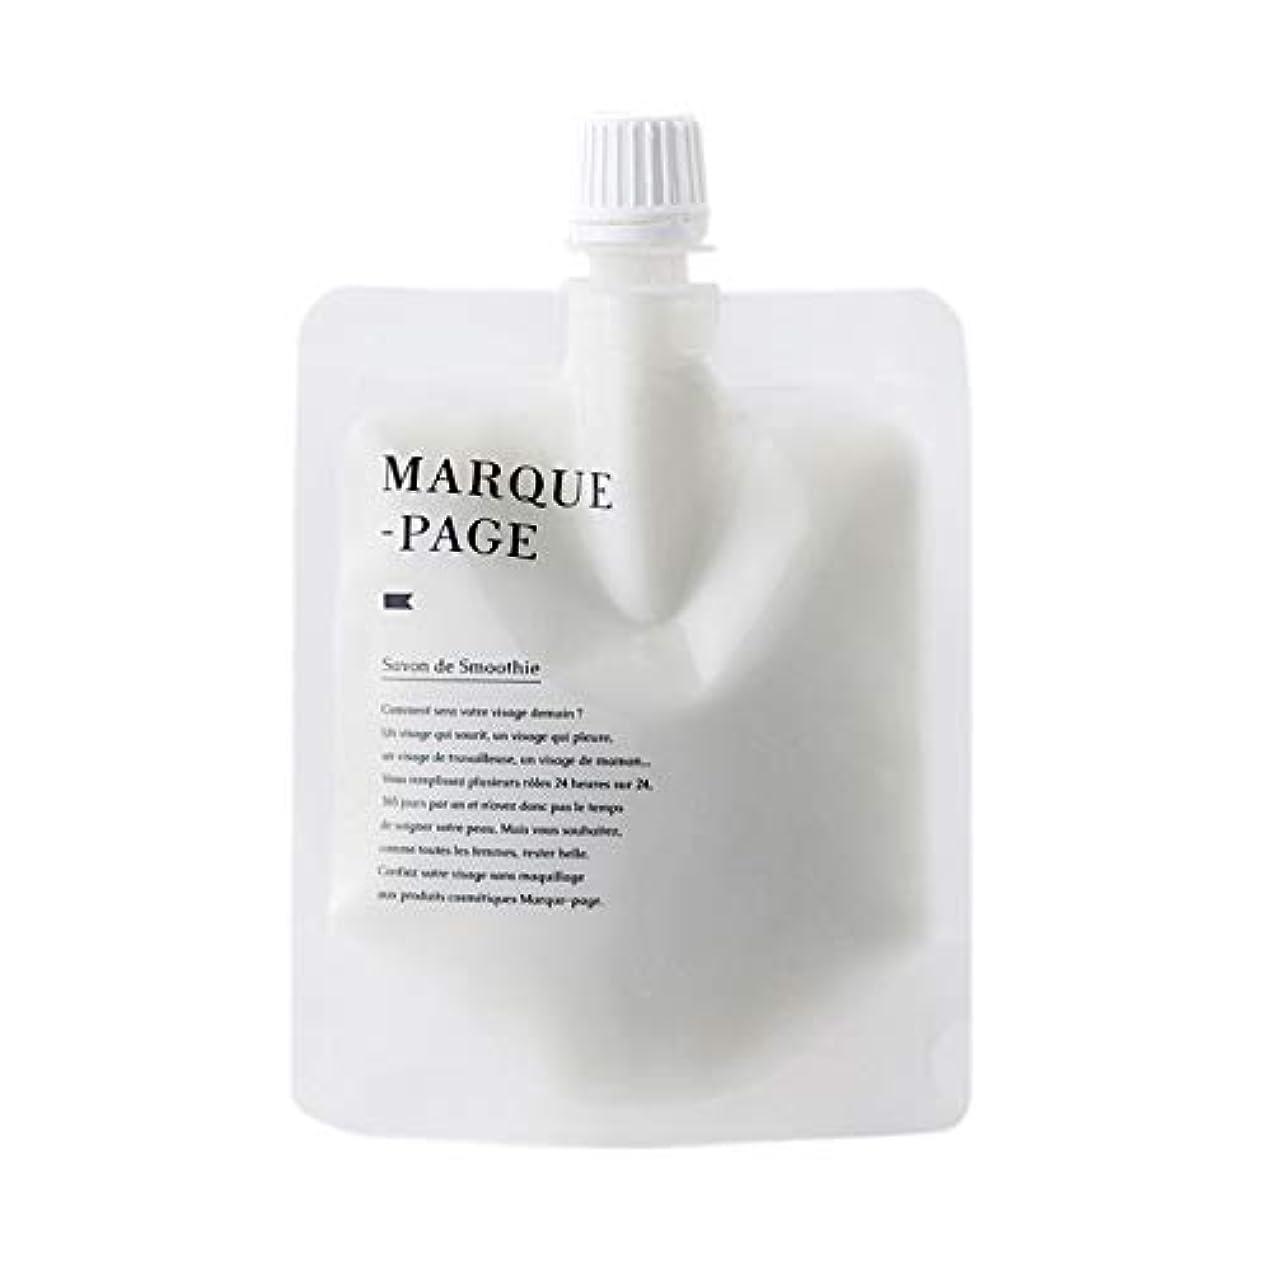 針電話松MARQUE-PAGE マルクパージュ サボン ド スムージー <洗顔料> 100g